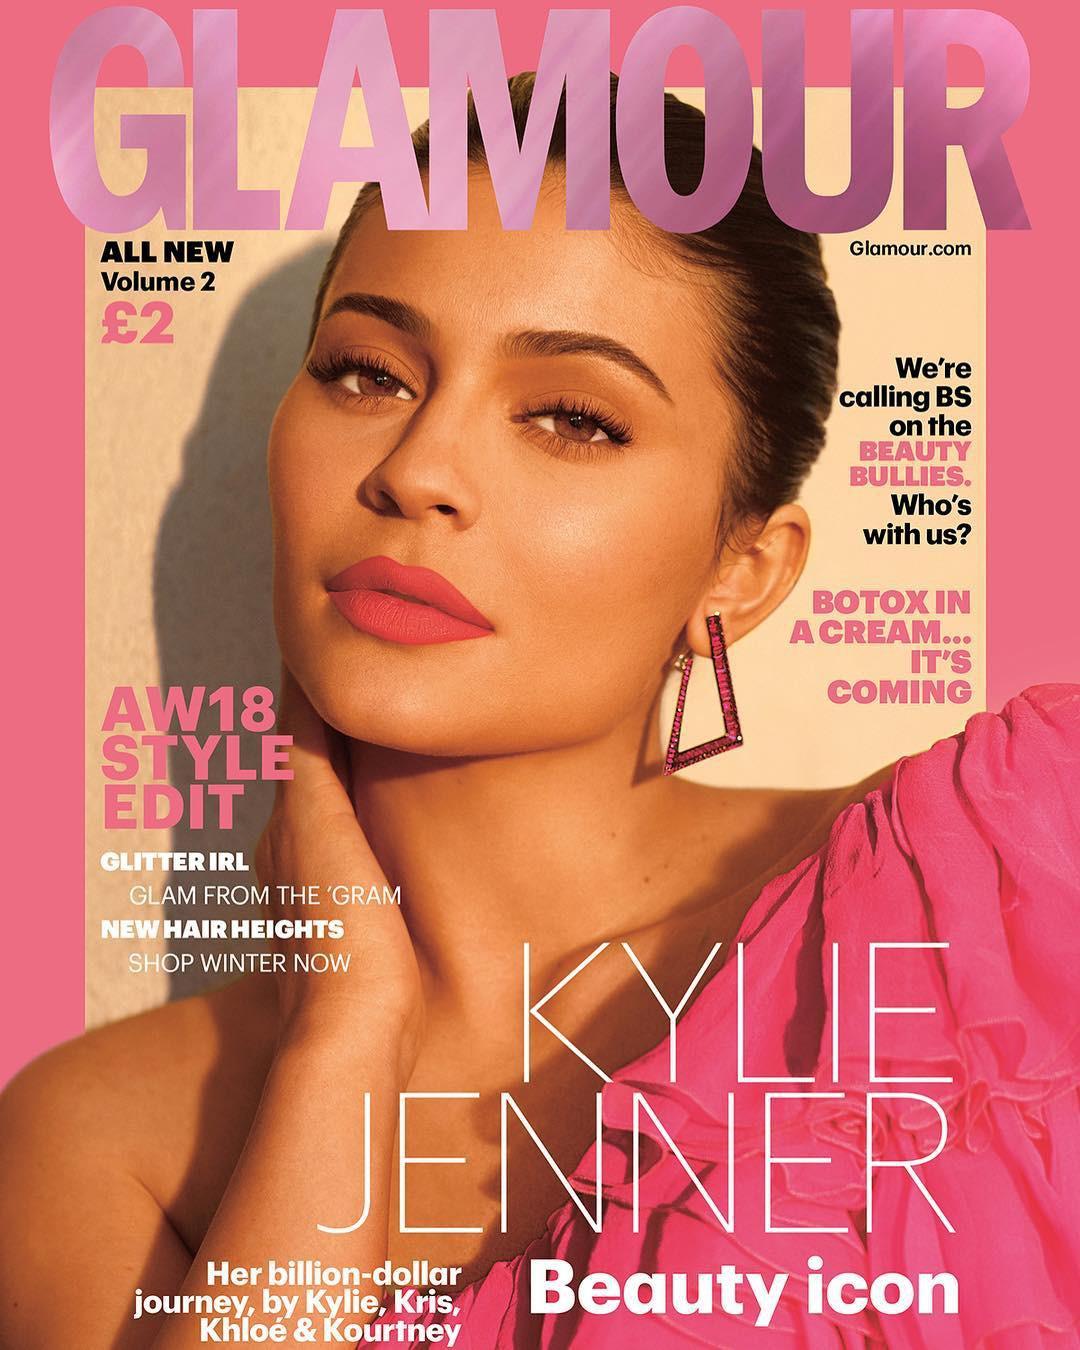 Rút bớt filler ra khỏi môi, Kylie Jenner như biến hình thành người khác mà vẫn xinh đẹp lung linh - Ảnh 2.